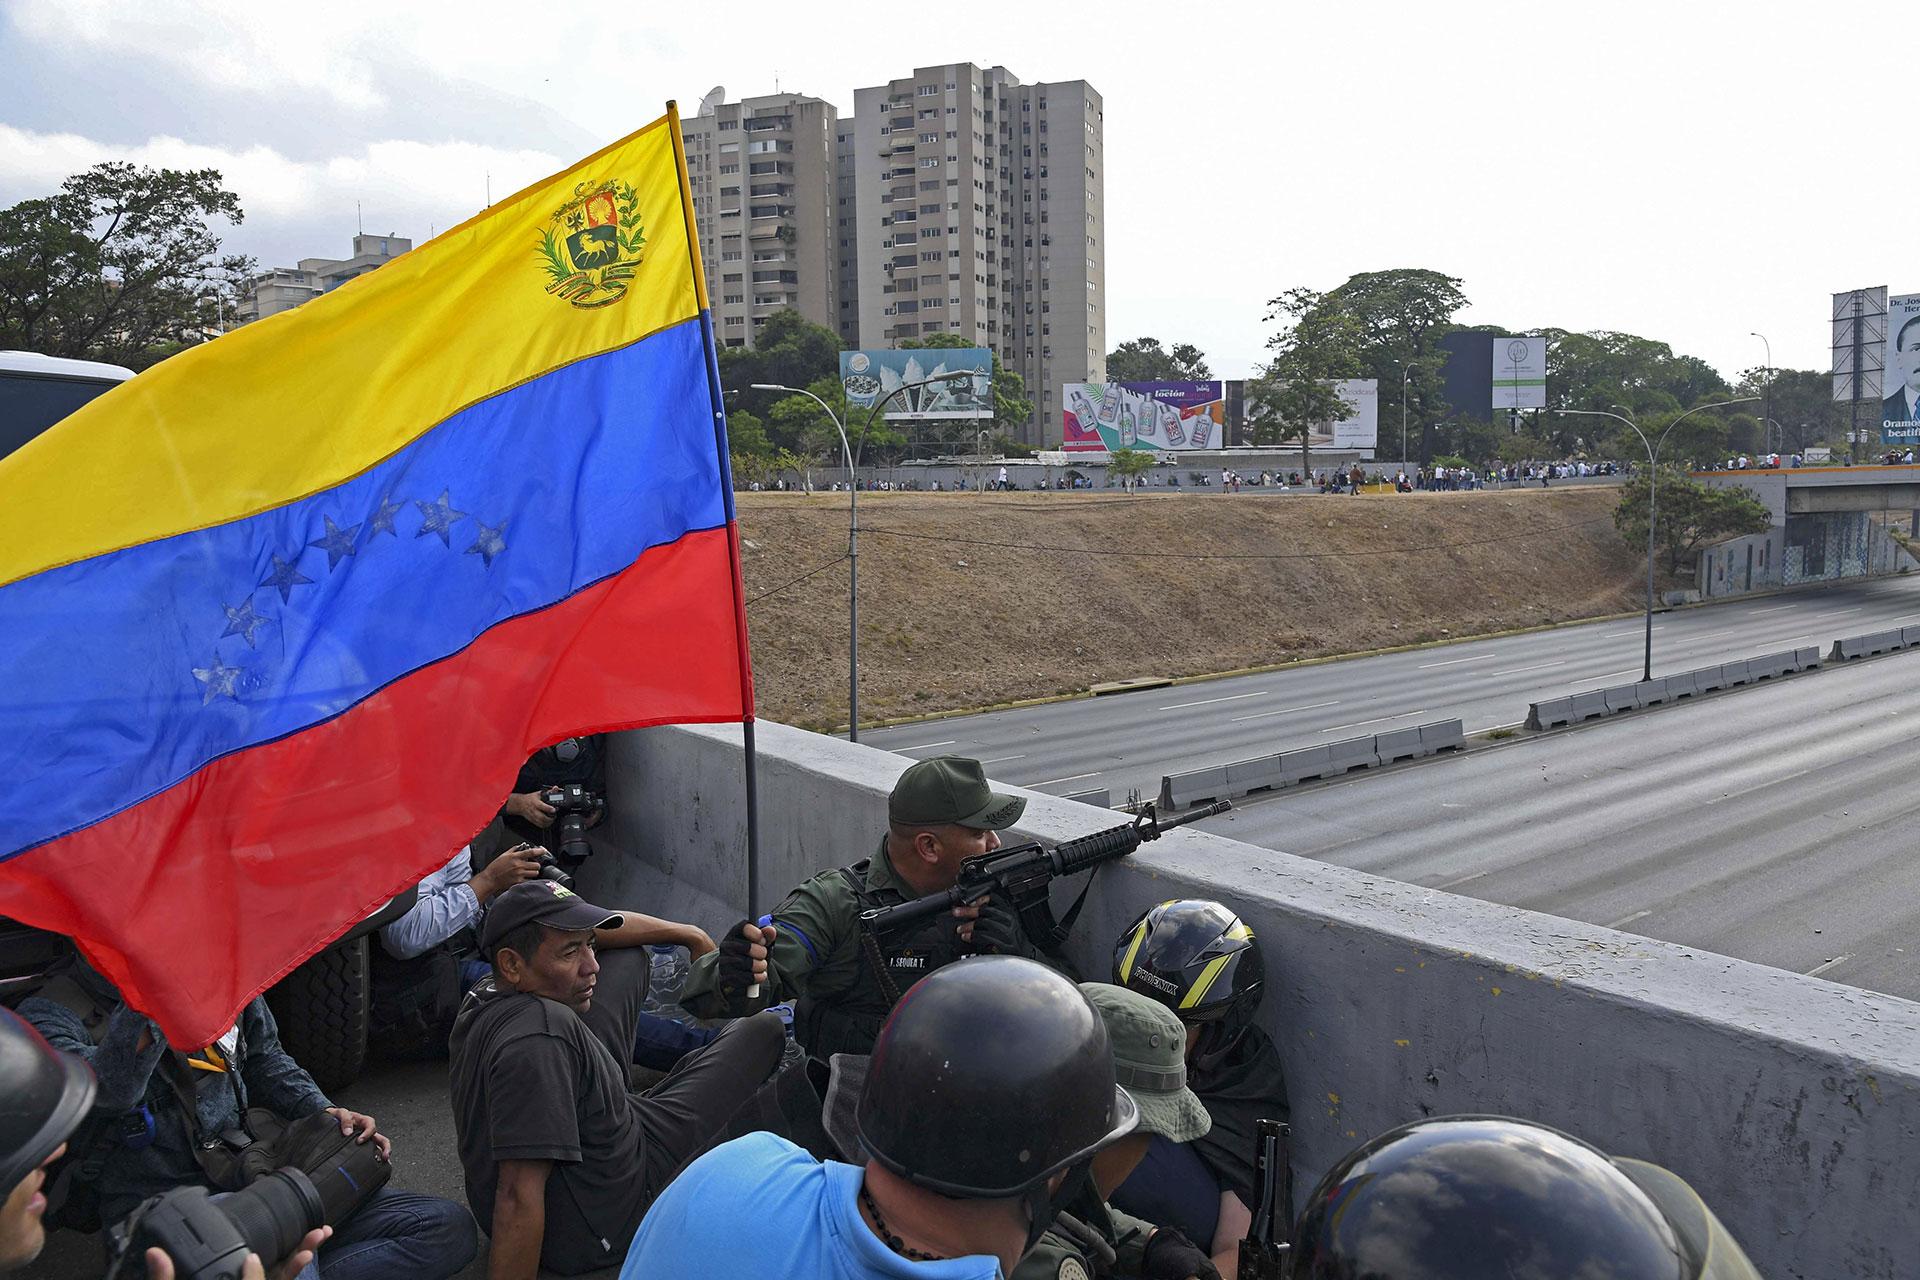 El anuncio del presidente interino Juan Guaidódel lanzamiento de la etapa final del Operación Libertad fue celebrado por las principales naciones del mundo.